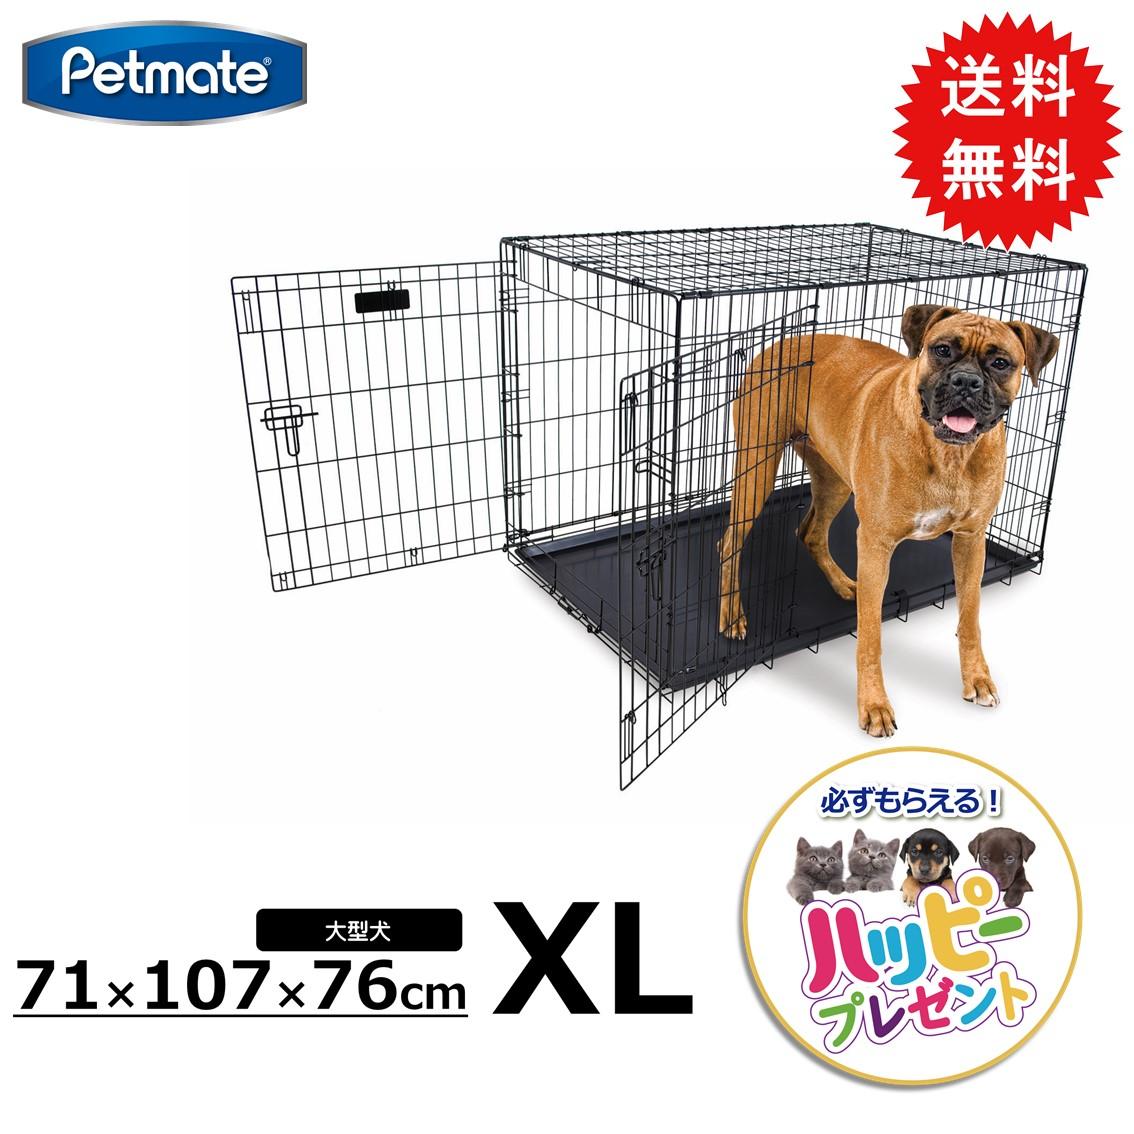 ペットメイト ダブルドア ペットケージ 折りたたみ XL クレート ケンネル P-500 コンパクト 組み立て簡単 中型犬 大型犬 【Petmate正規代理店】